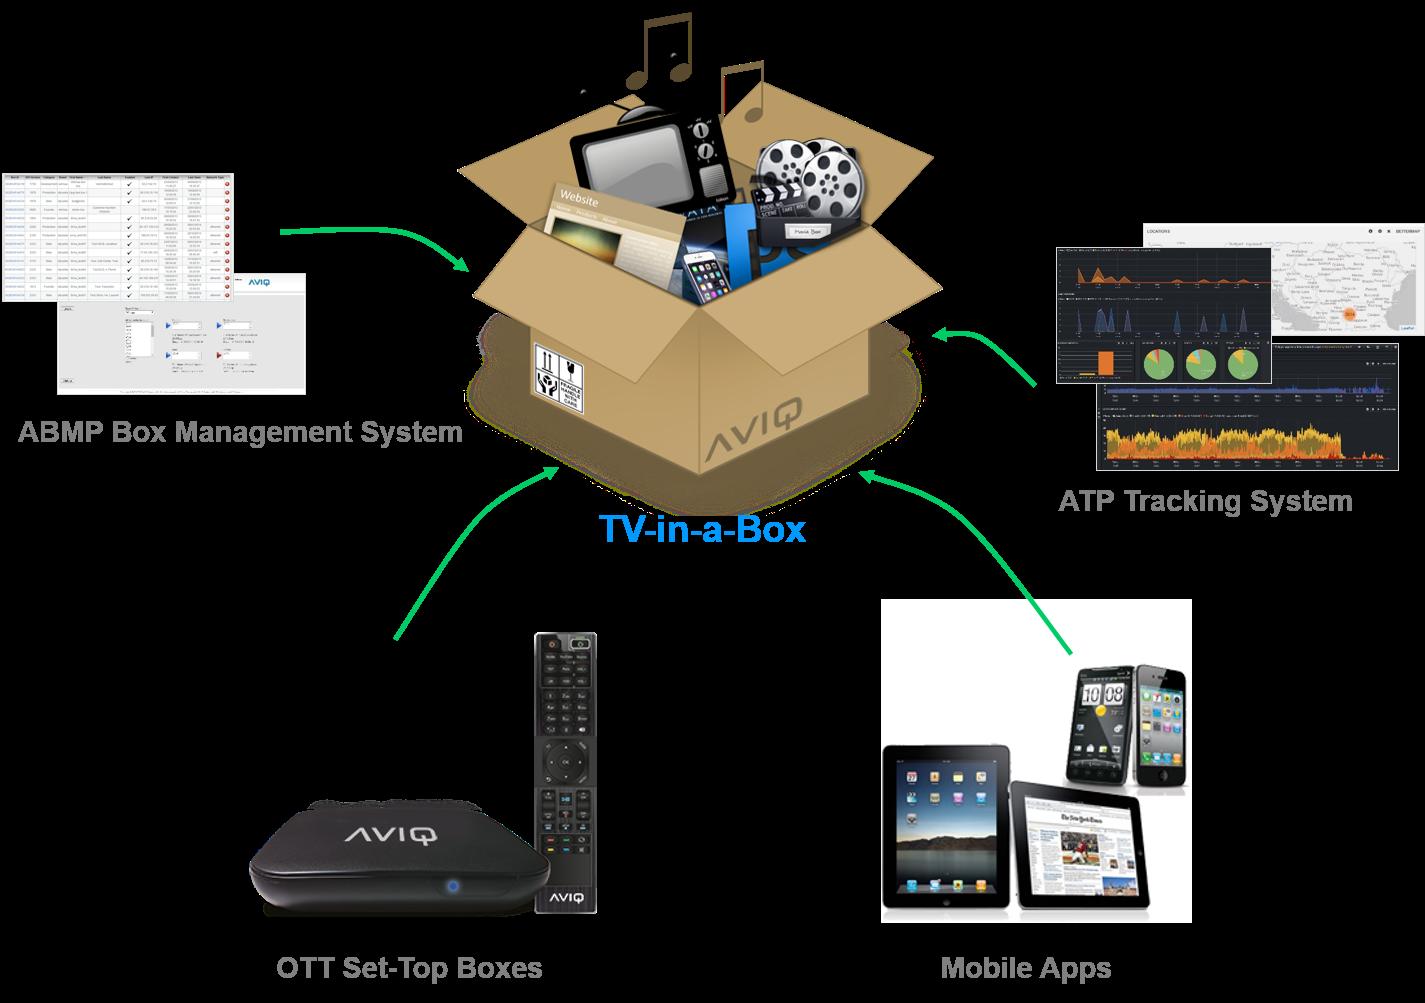 TV-in-a-Box